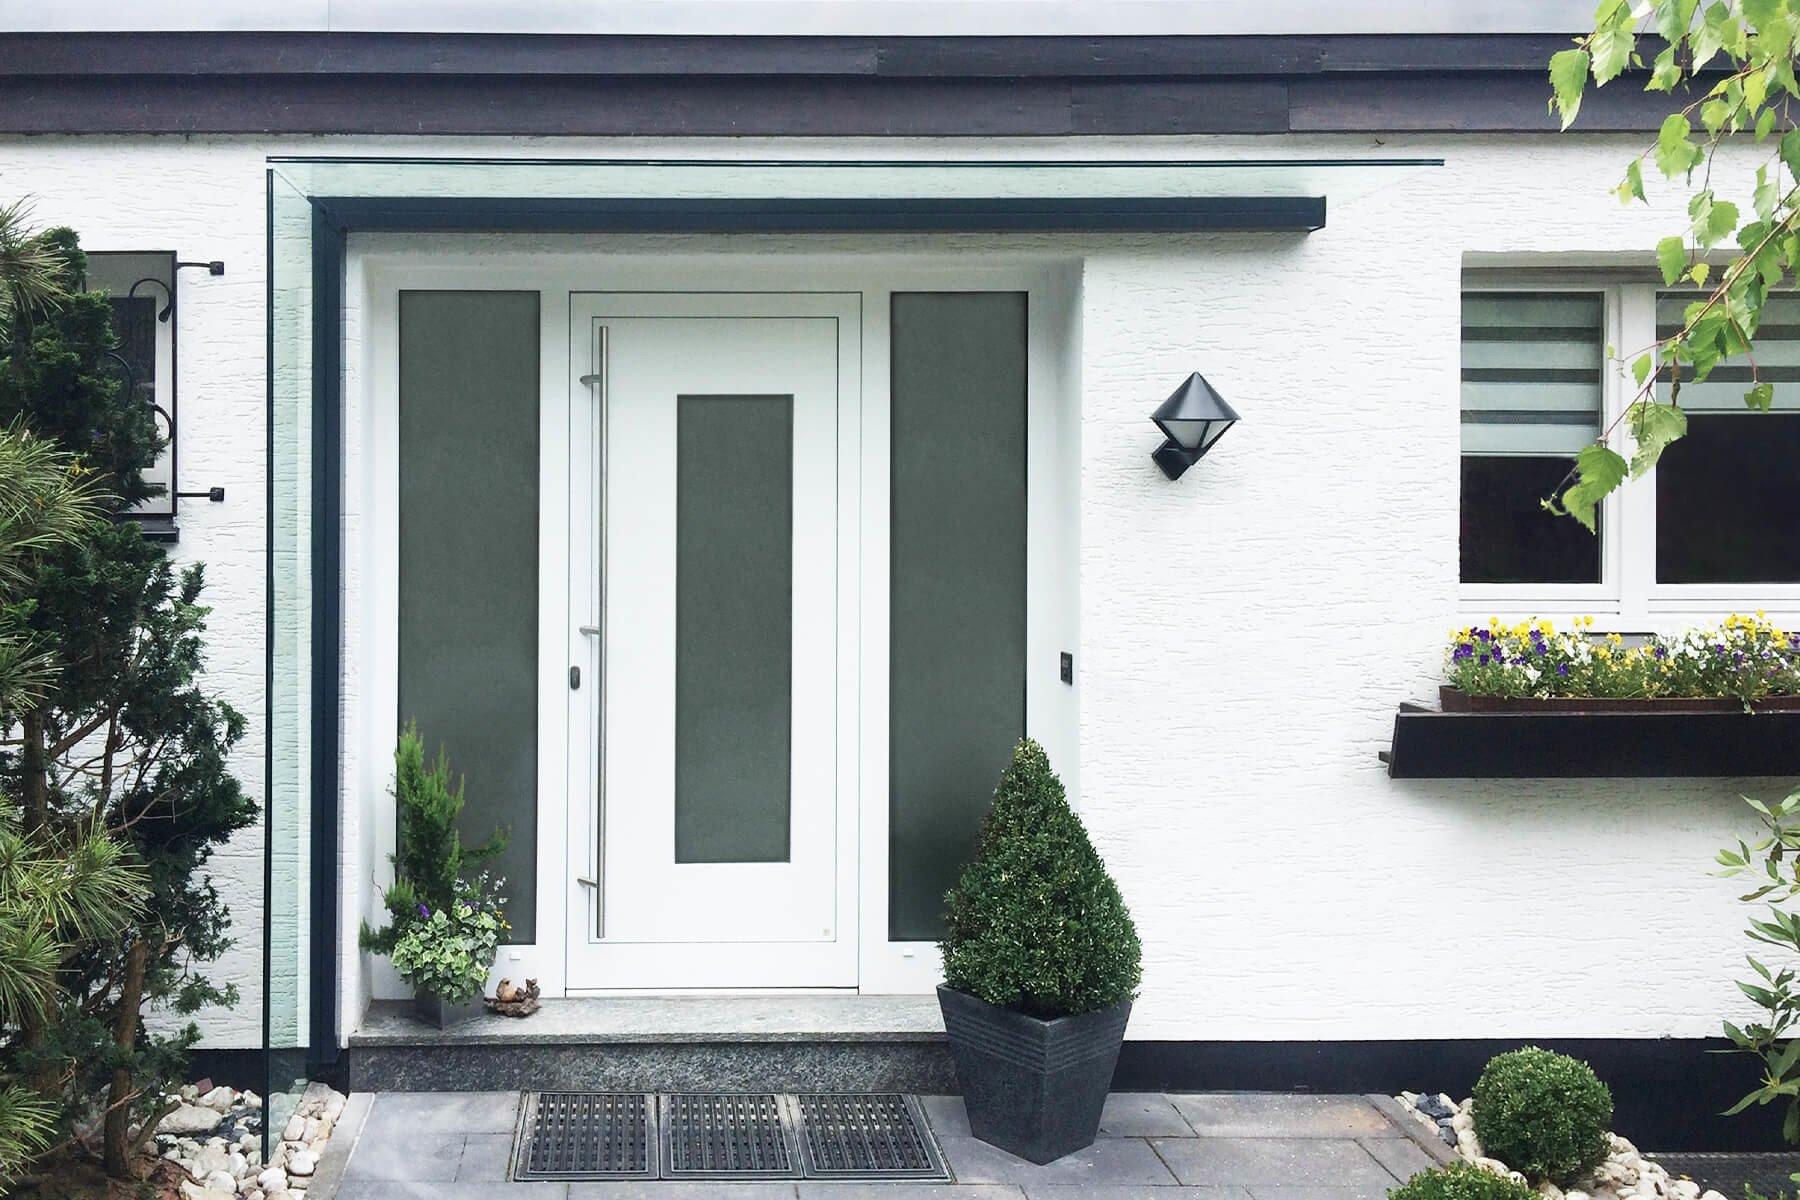 vordach-mit-seitenteil-aus-klarglas-an-weißer-fassade